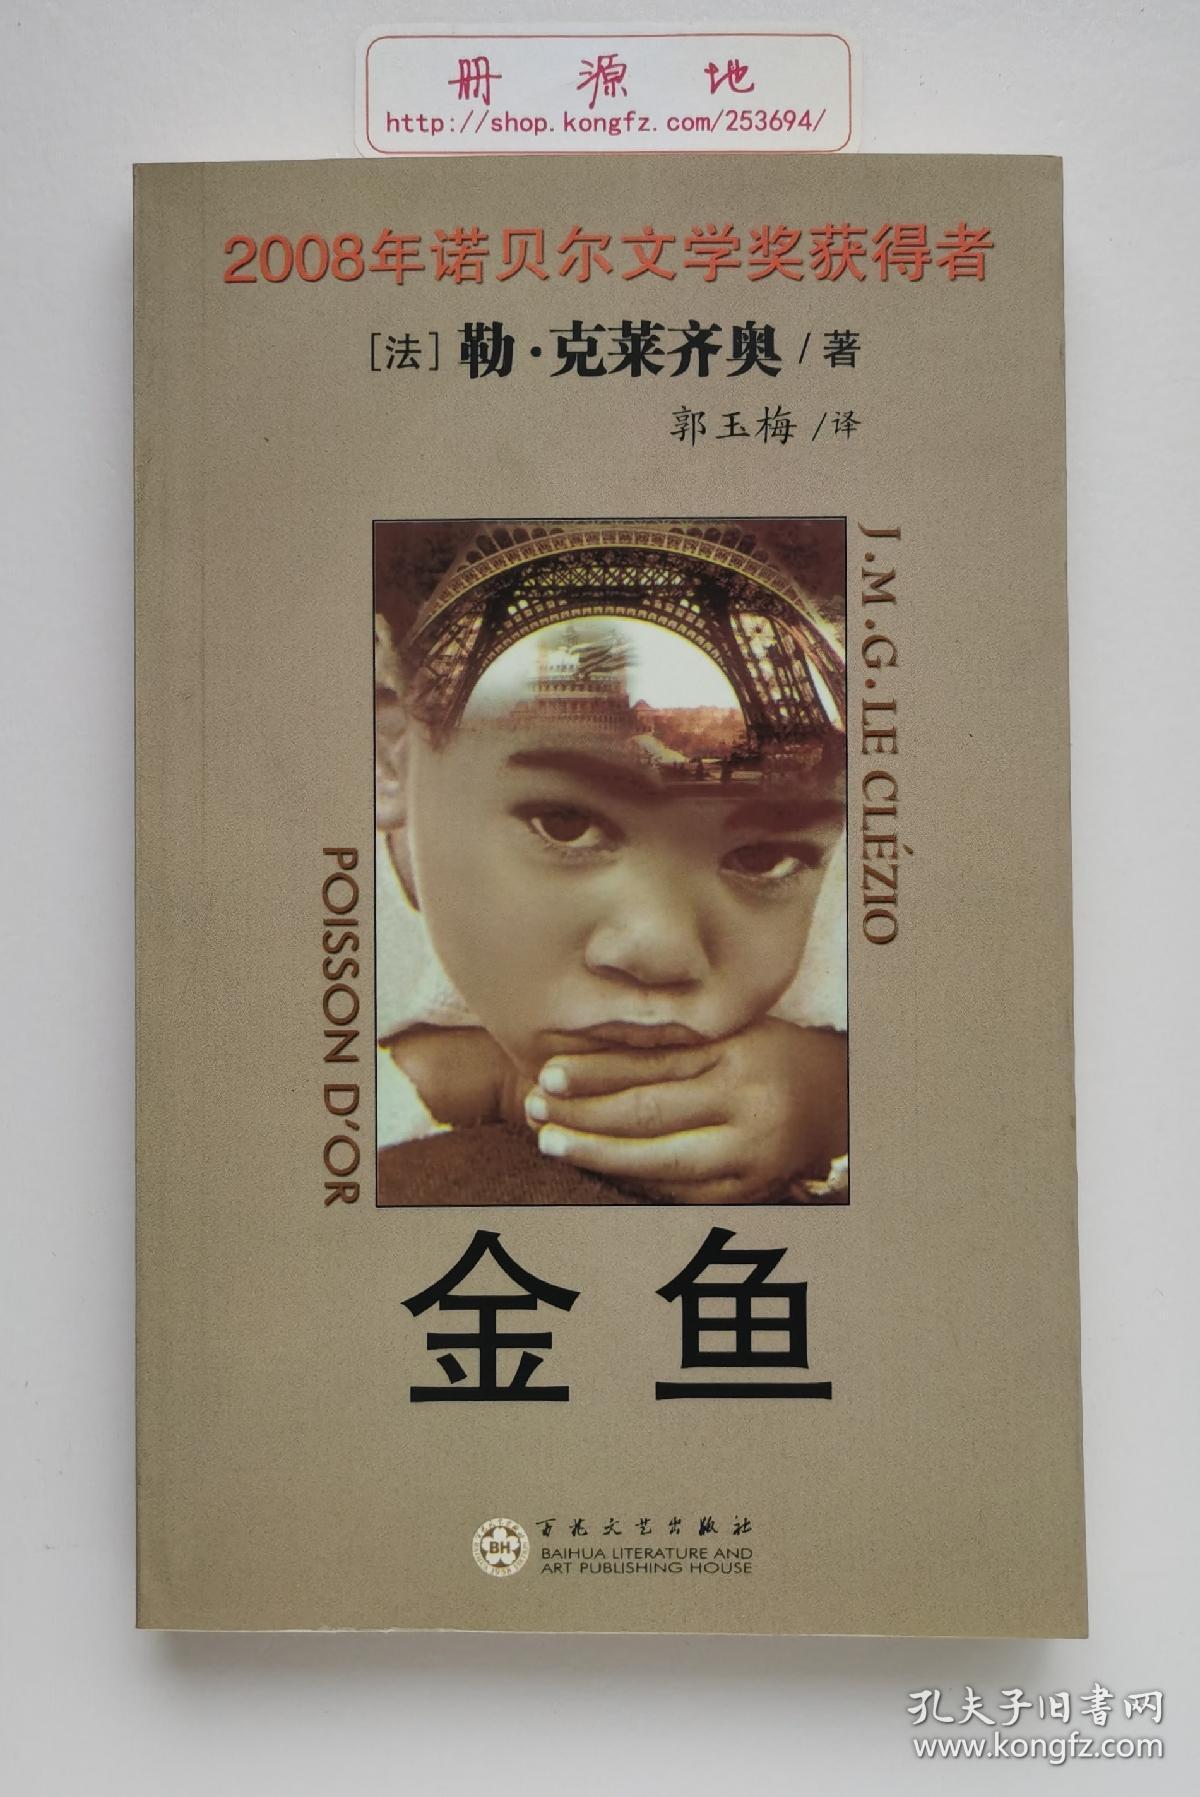 金鱼 2008年诺贝尔文学奖获得者勒克莱齐奥长篇小说  二版一印